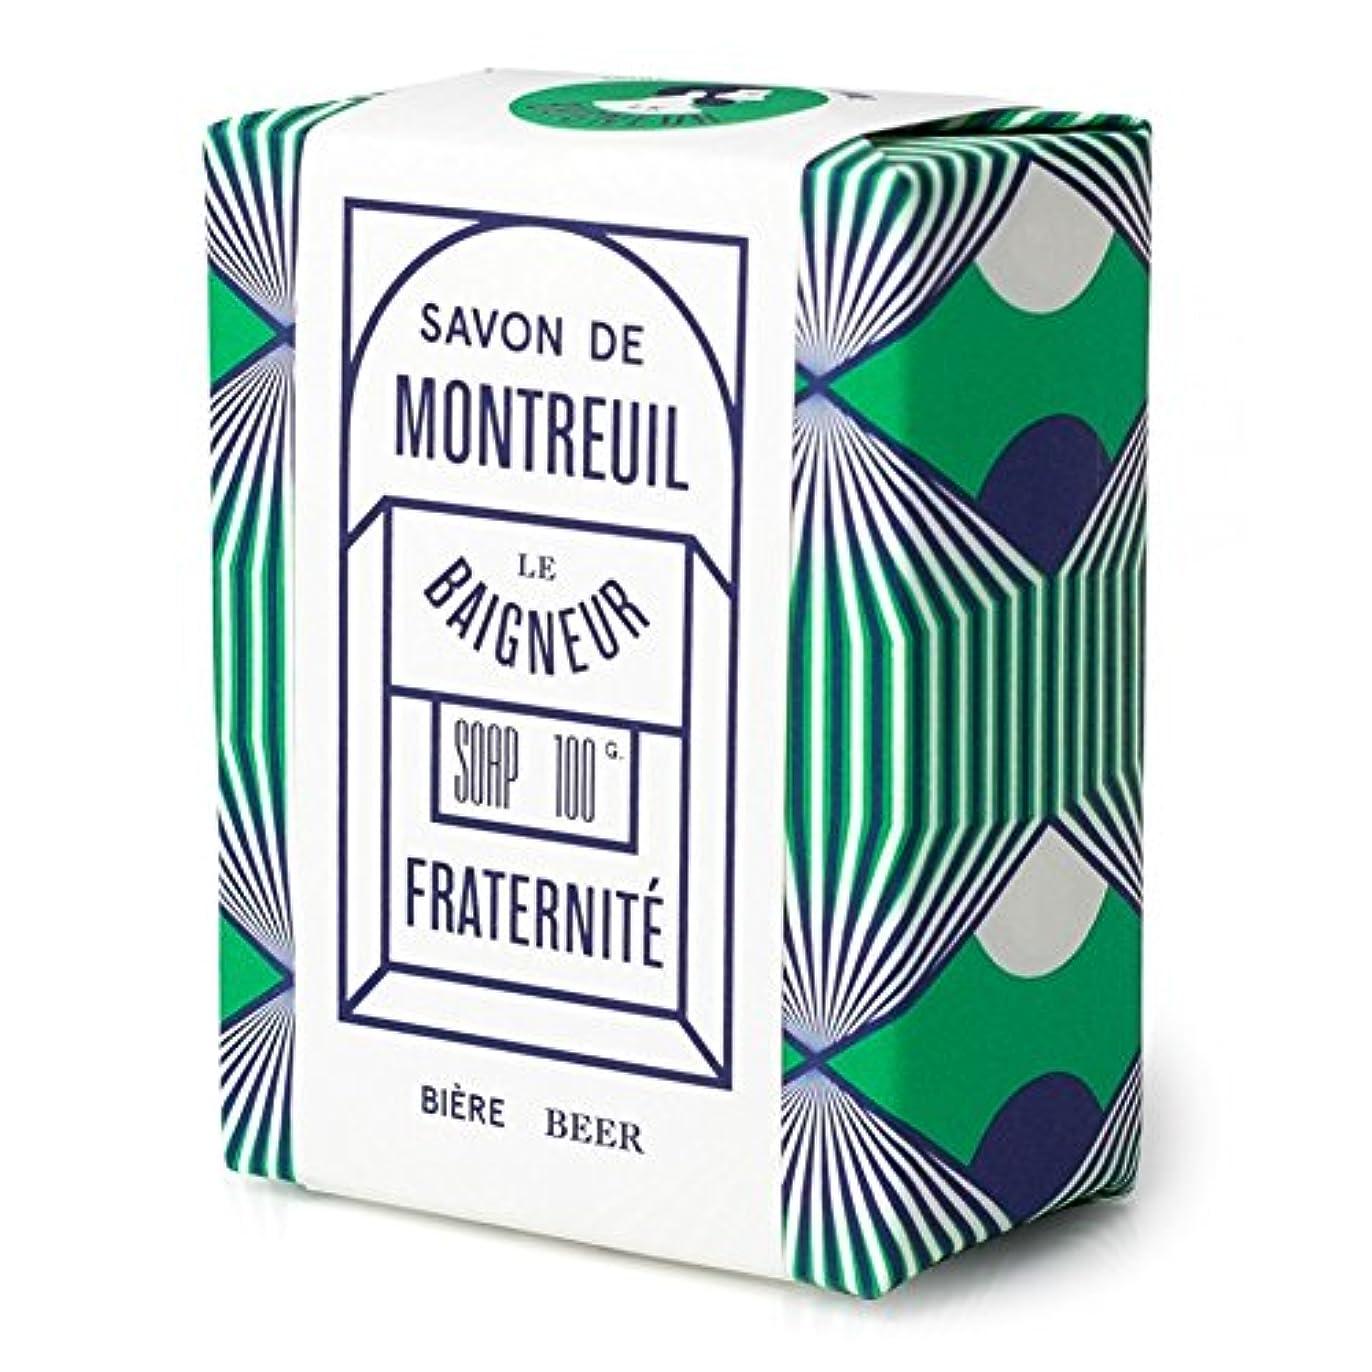 たるみペイントエキゾチックル 石鹸100グラム x2 - Le Baigneur Fraternite Soap 100g (Pack of 2) [並行輸入品]